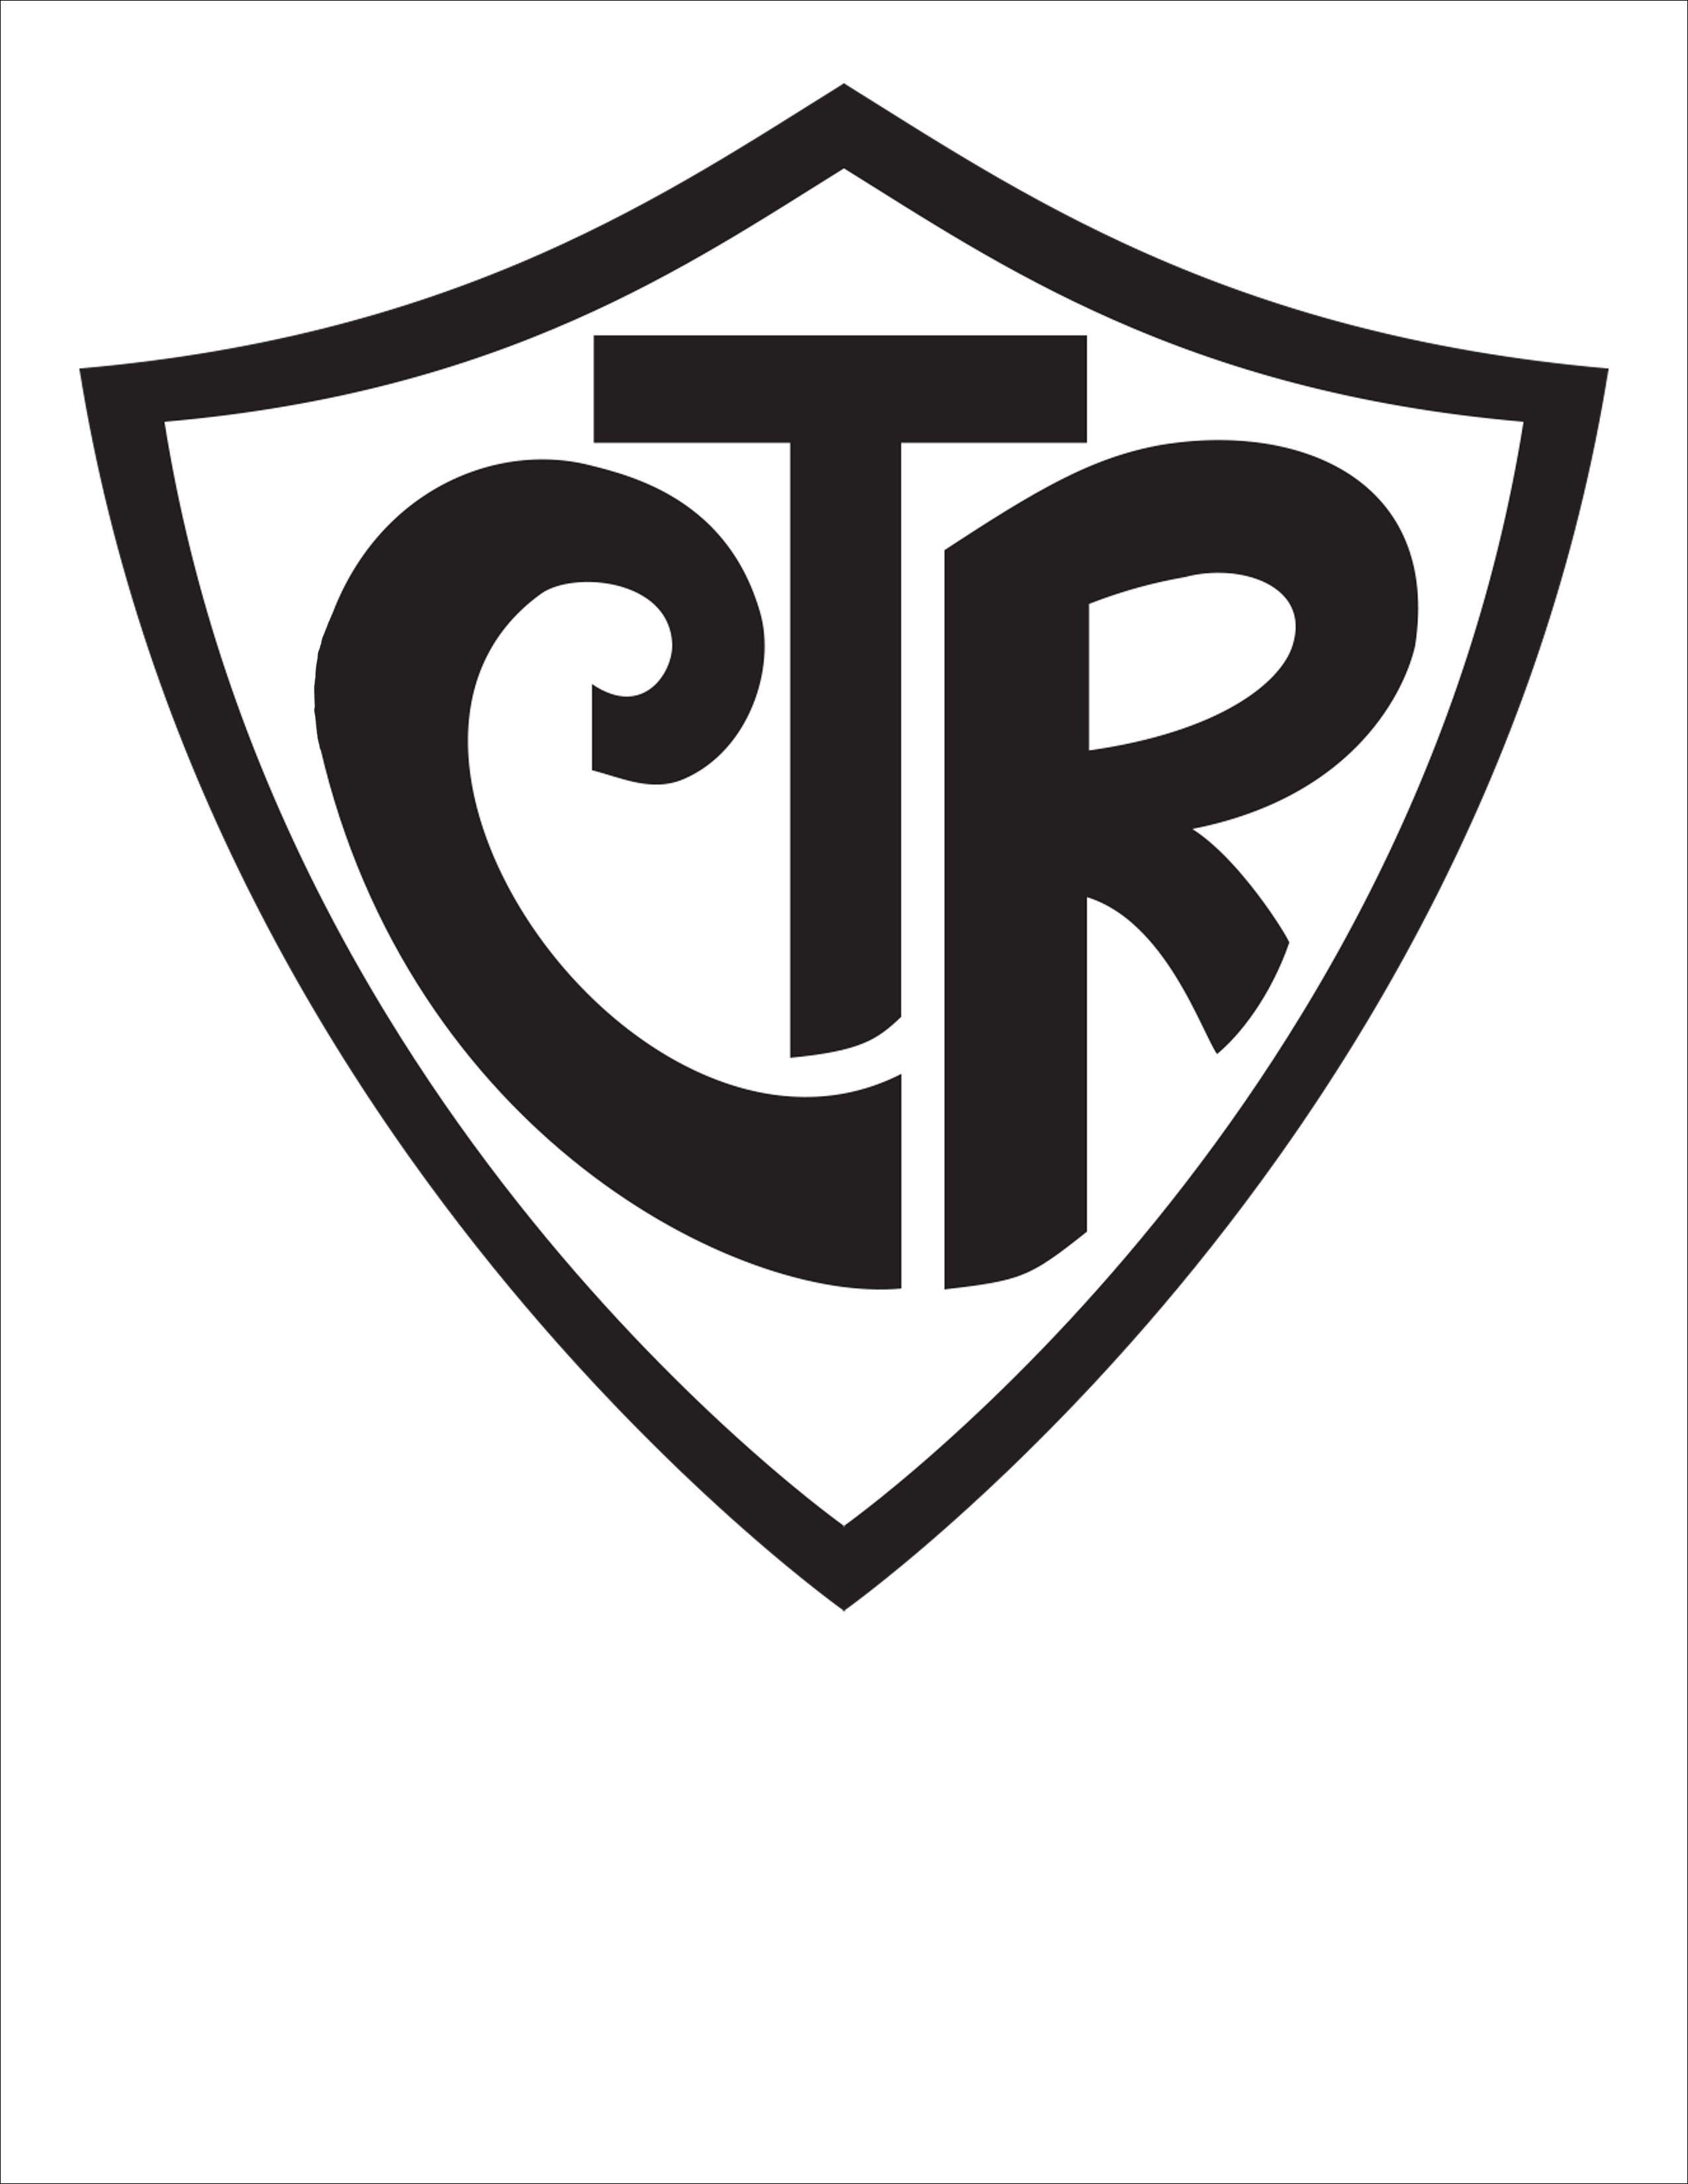 47+ Ctr logo ideas in 2021